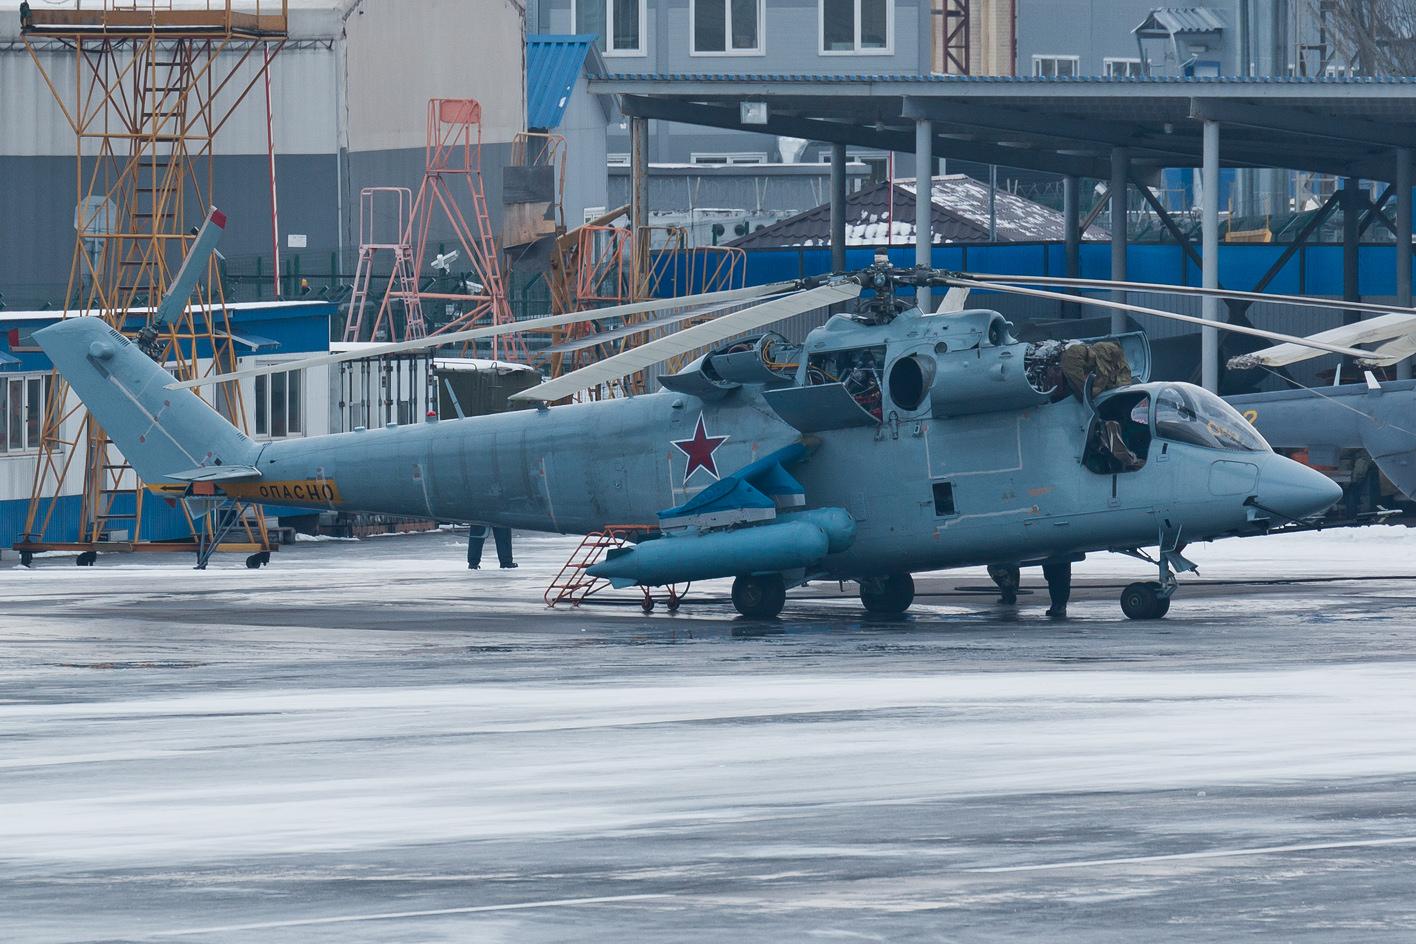 Летающая лаборатория скоростного вертолета на базе Ми-24